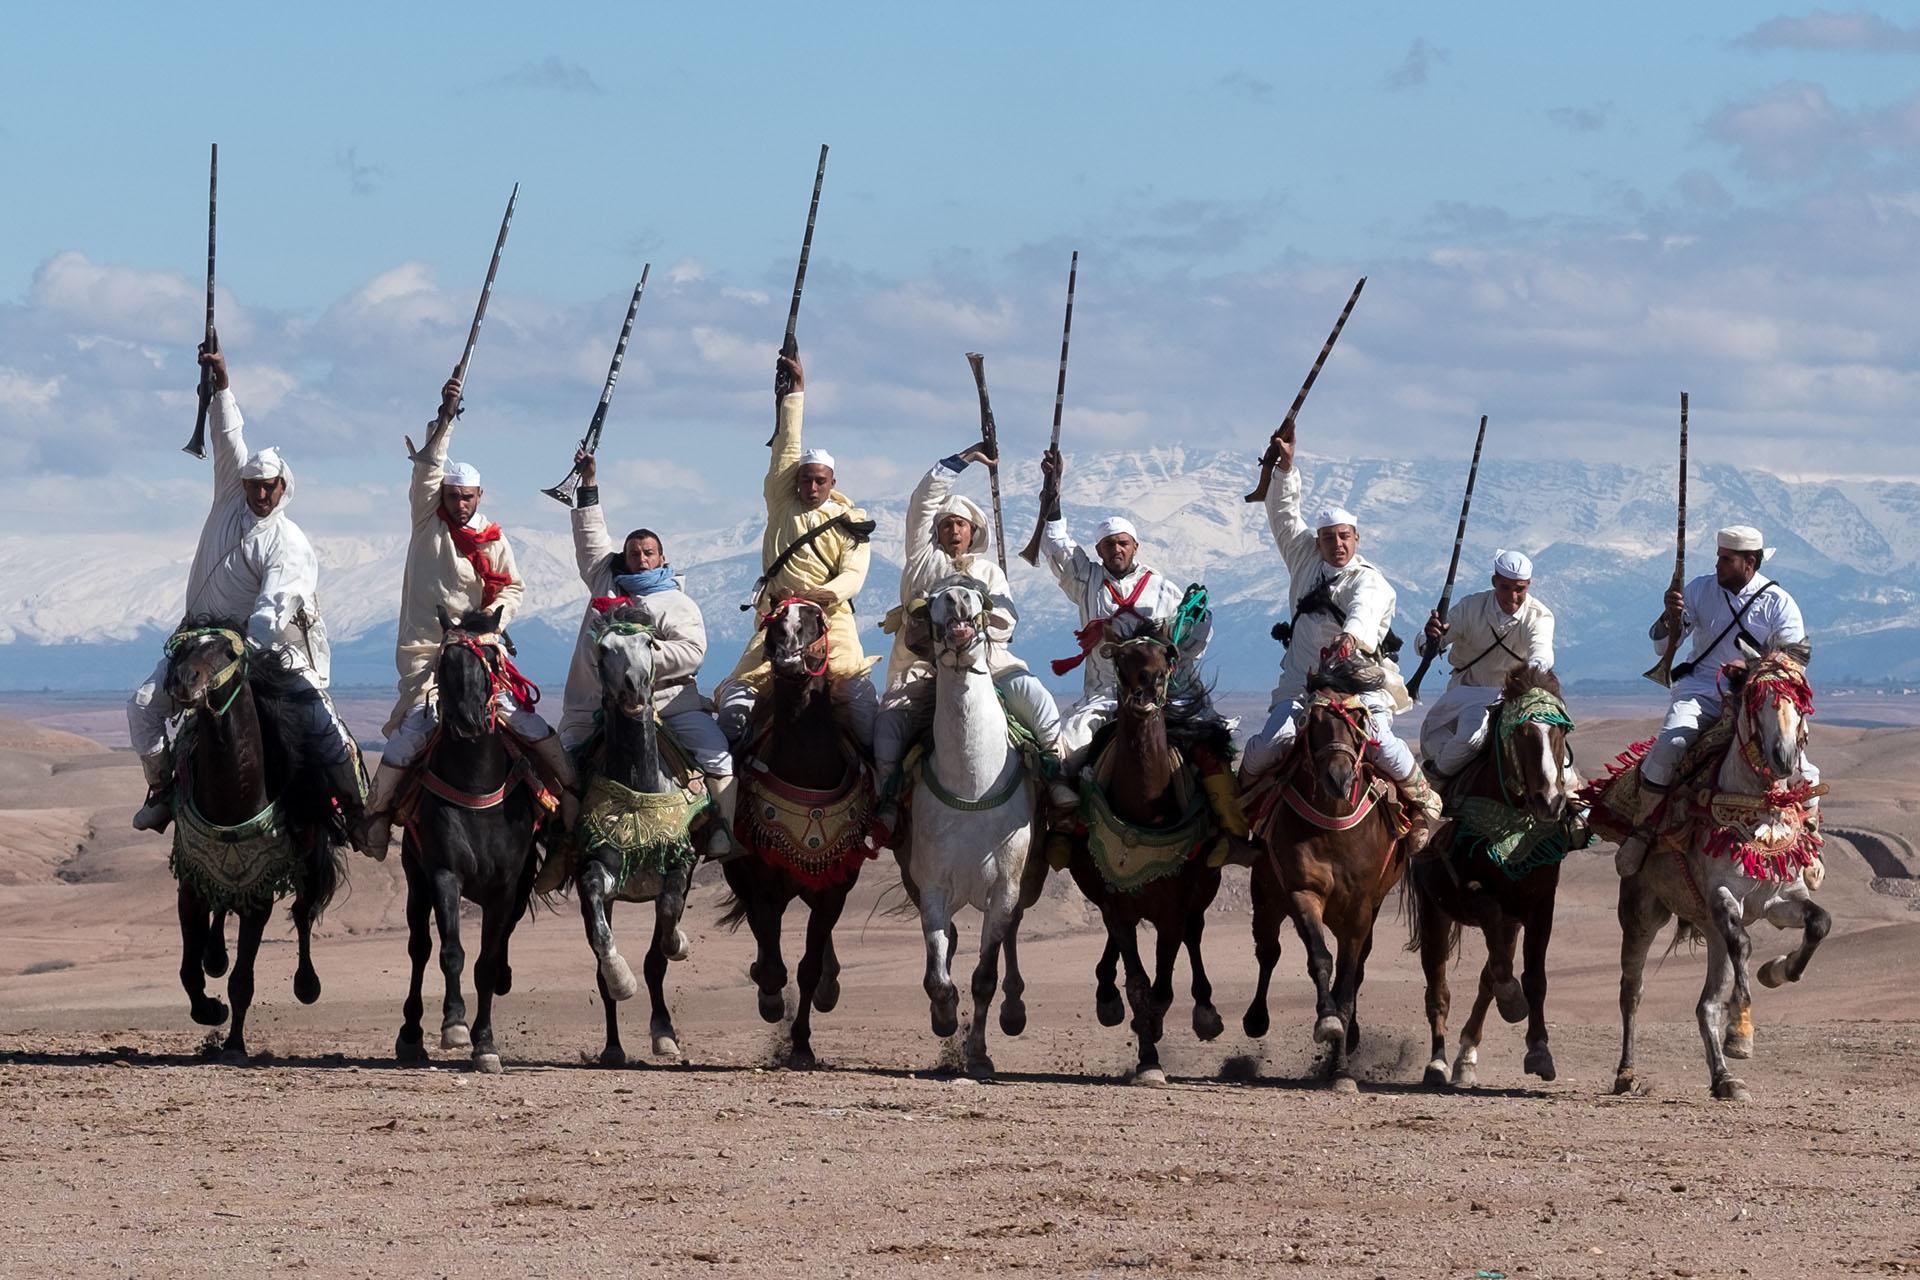 Los caballos protagonizaron el espéctaculo del tercero de los festejos en la travesía por el desierto de Agafay